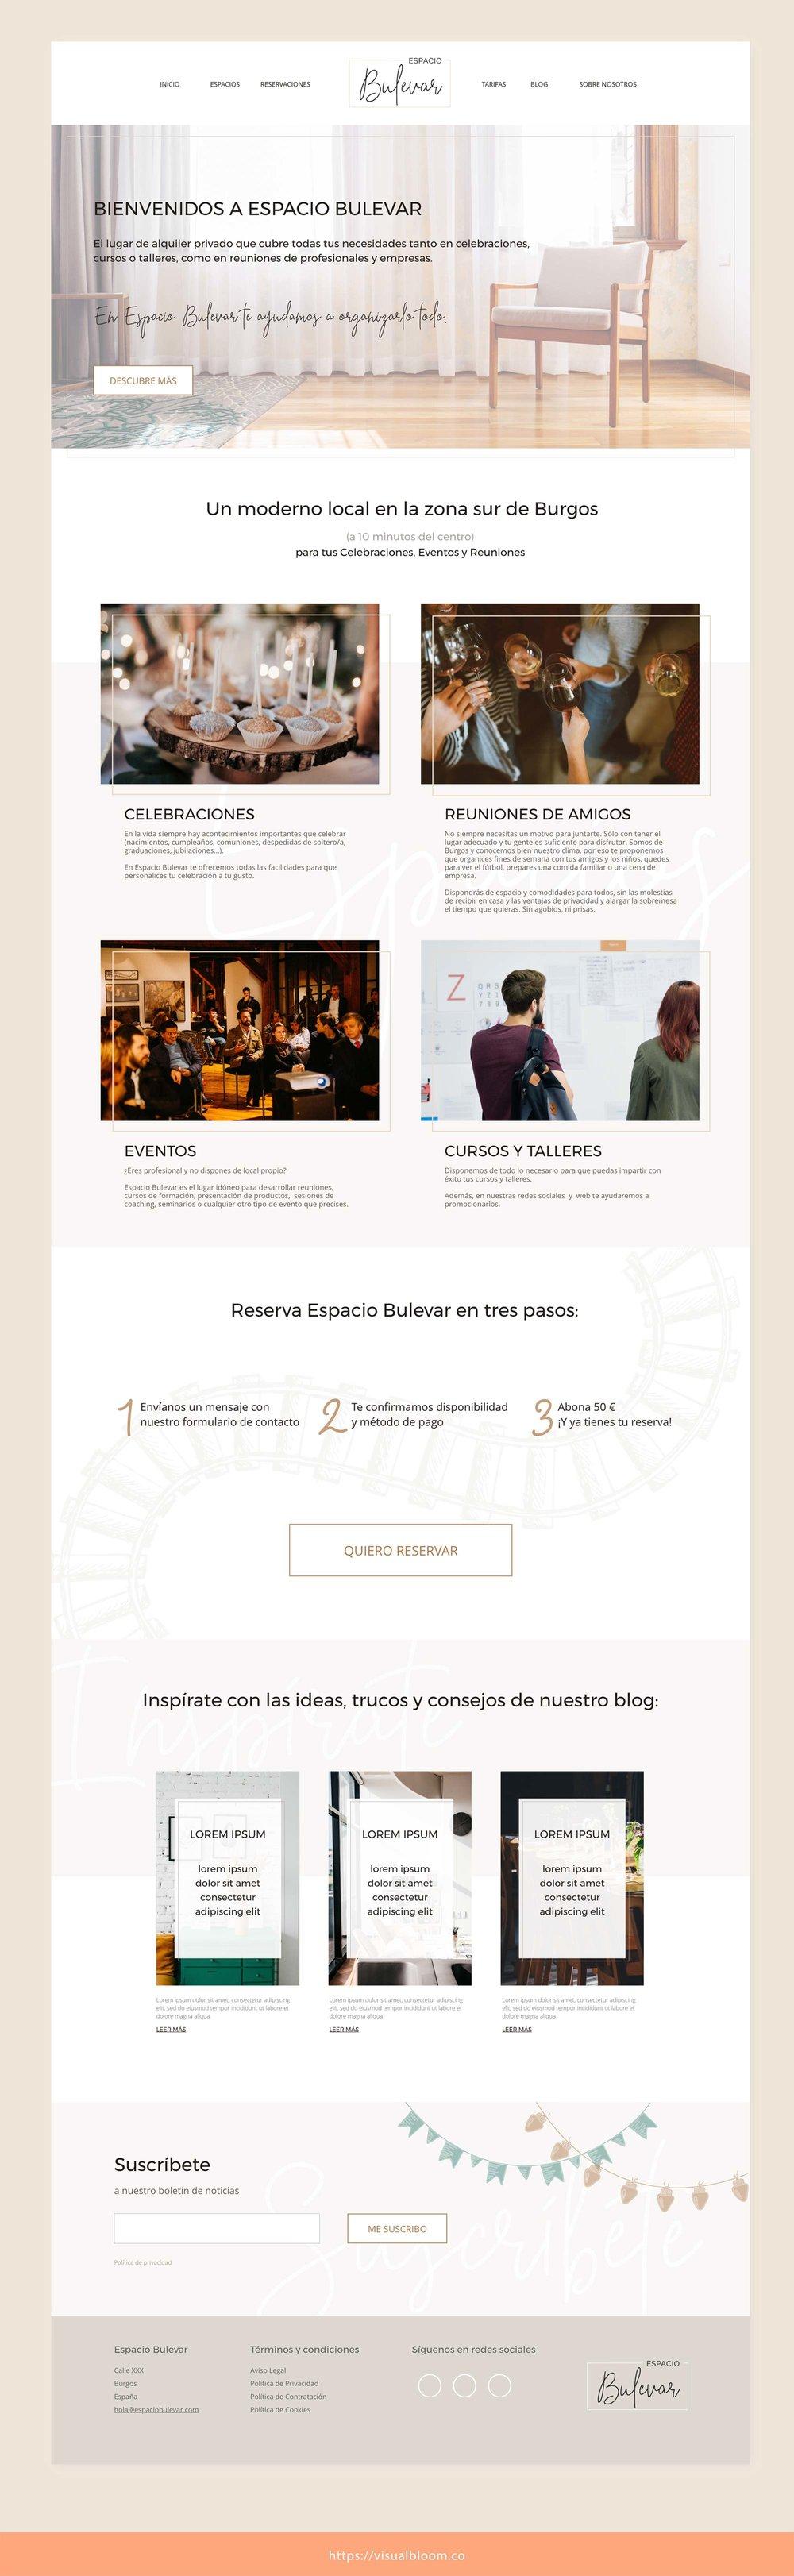 Diseño web en Squarespace para Espacio Bulevar, en Burgos, España.